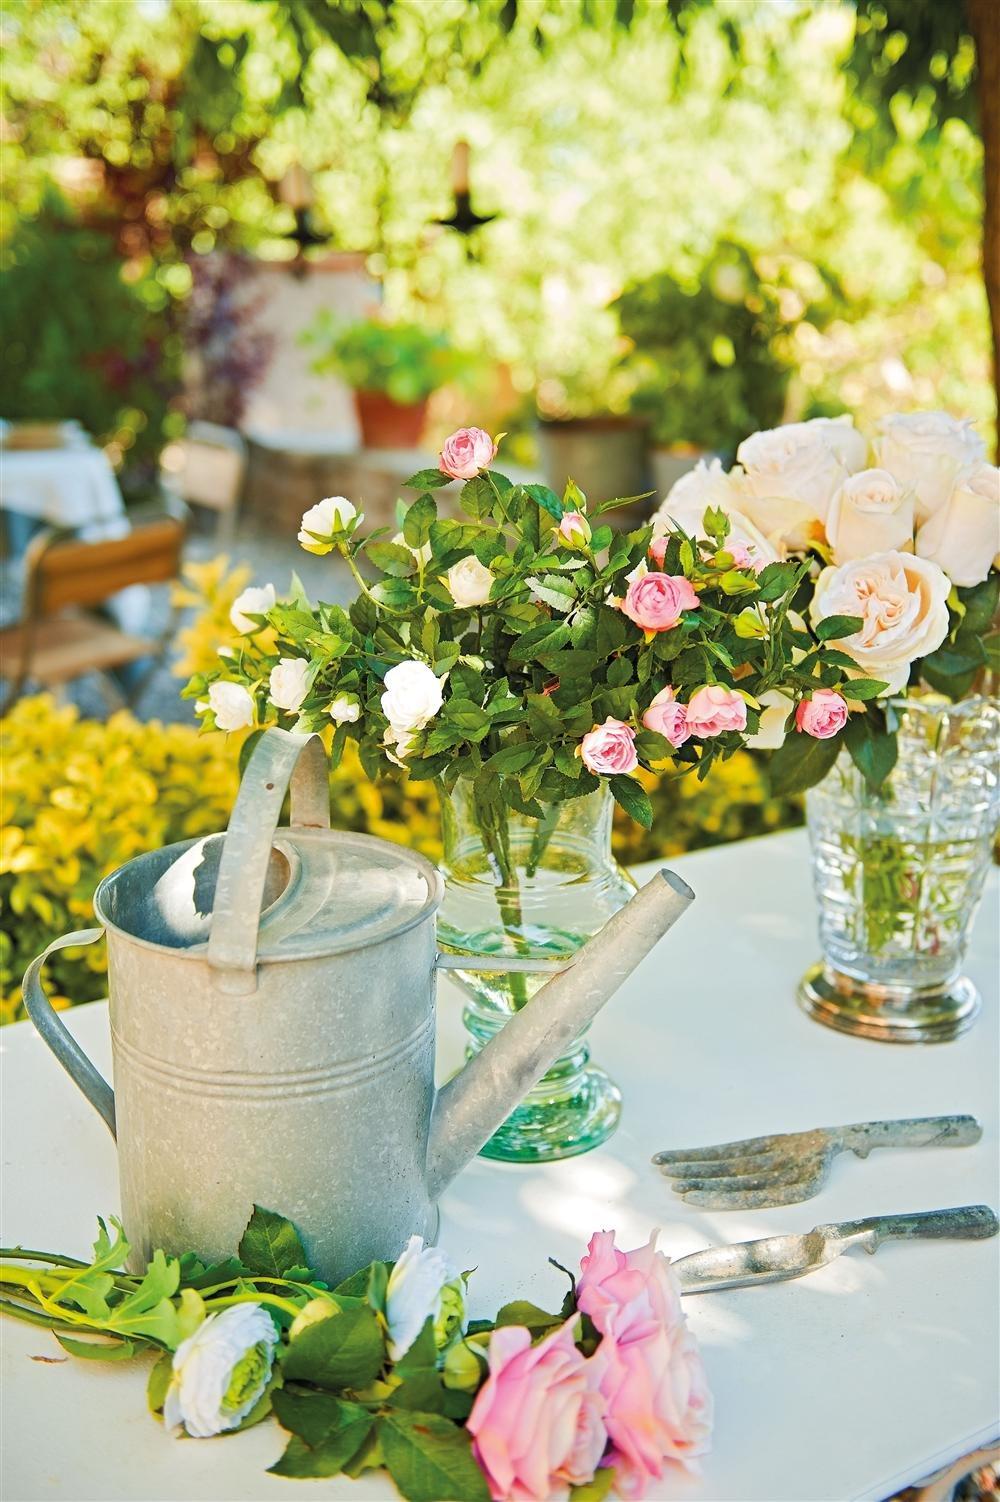 Regadera antigua en el jardín. Funcional y bella